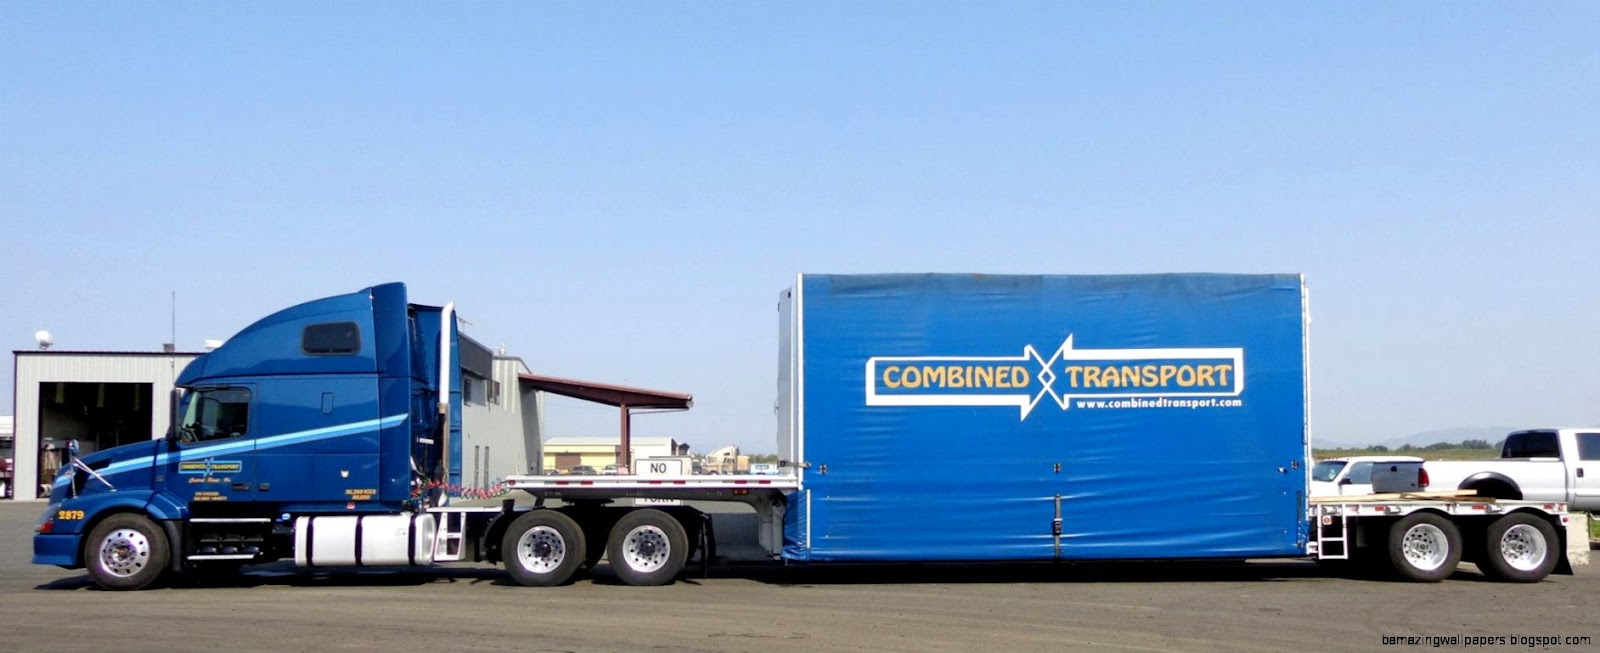 Trucking: Trucking Load Boards